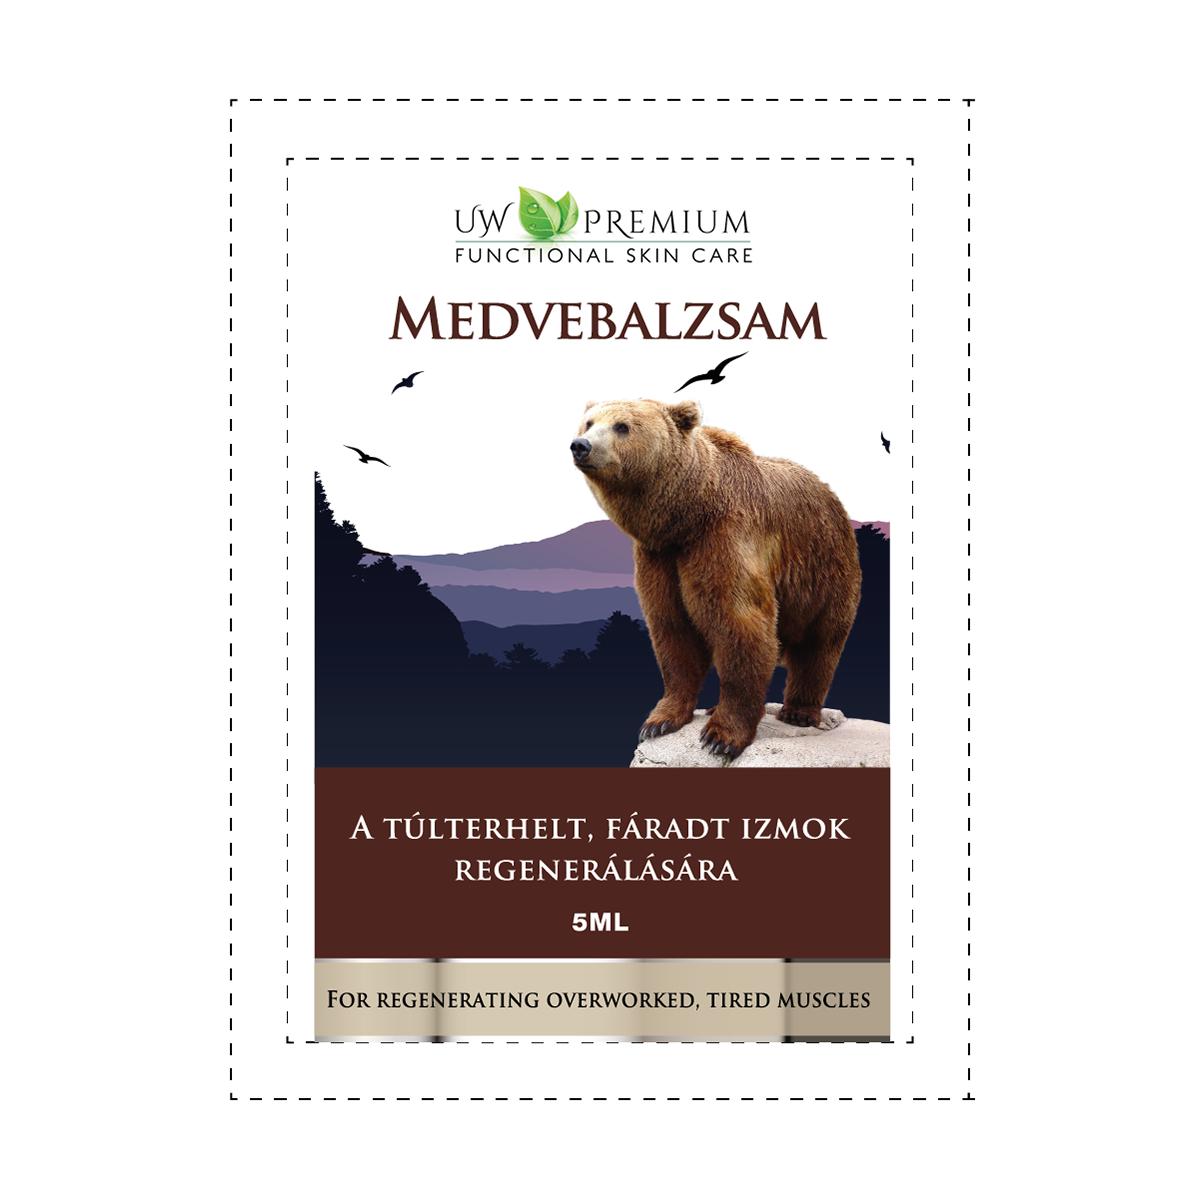 UW Premium Medvebalzsam 5 ml